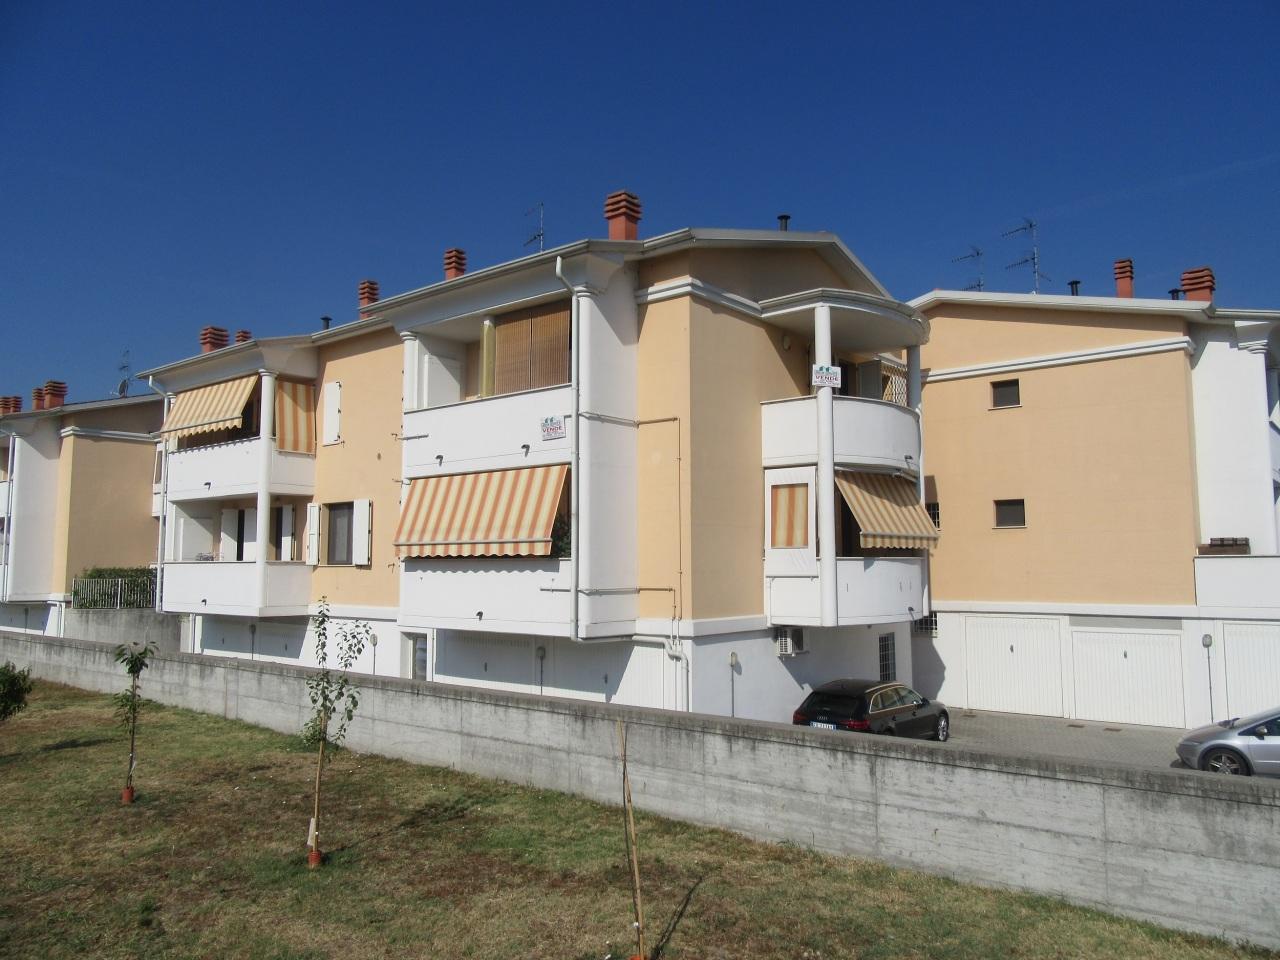 Appartamento in vendita a Noceto, 2 locali, prezzo € 103.000 | Cambio Casa.it